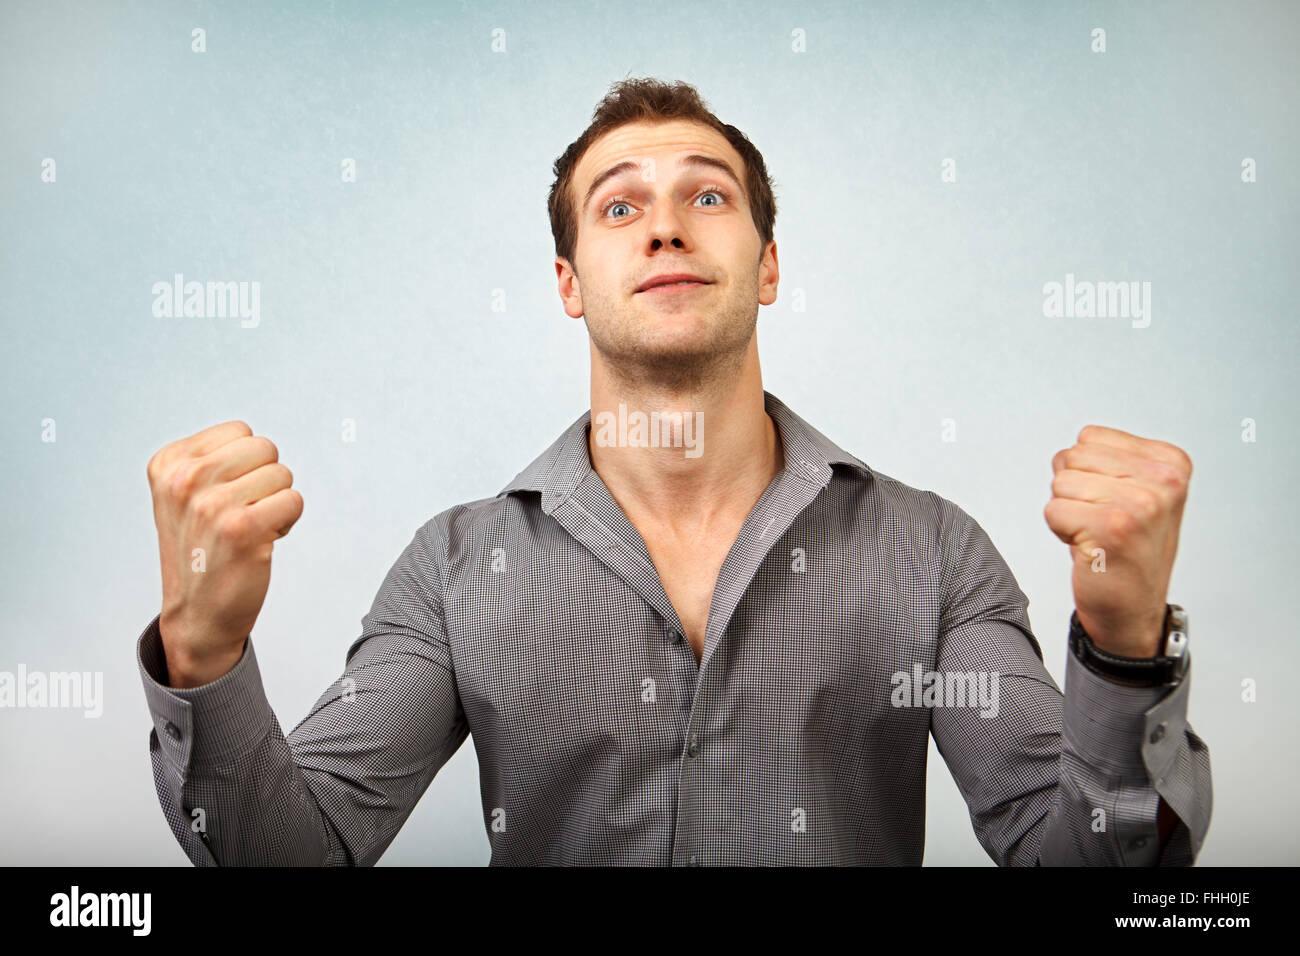 Felice l'uomo vincente isolato su bianco Immagini Stock